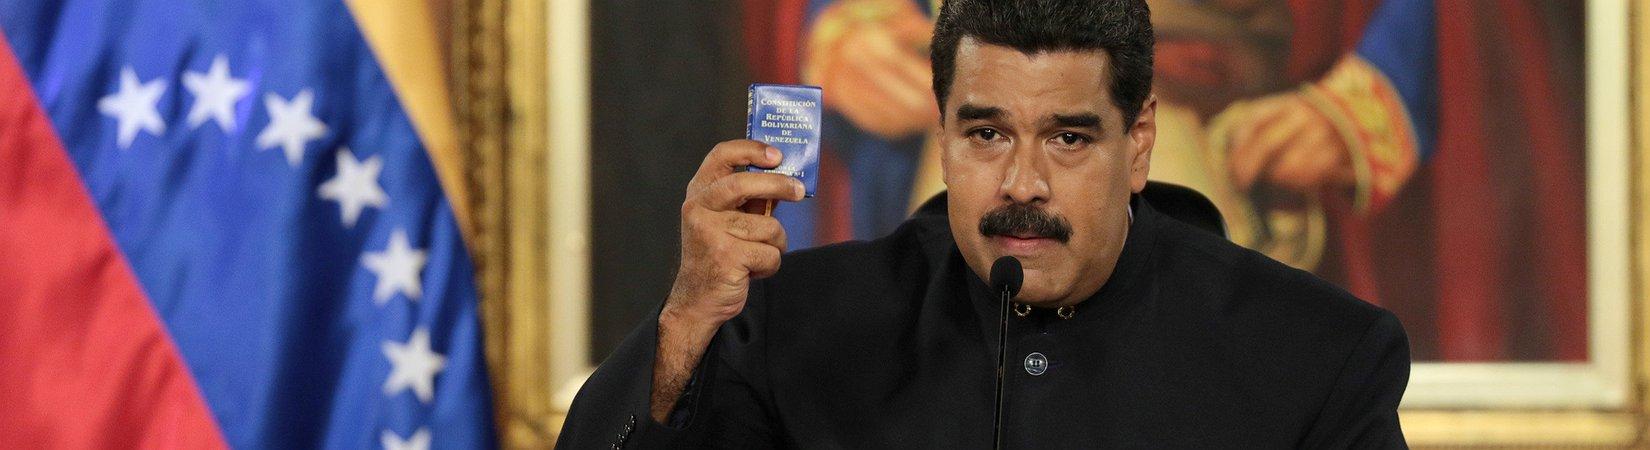 Nicolás Maduro quer nova constituição